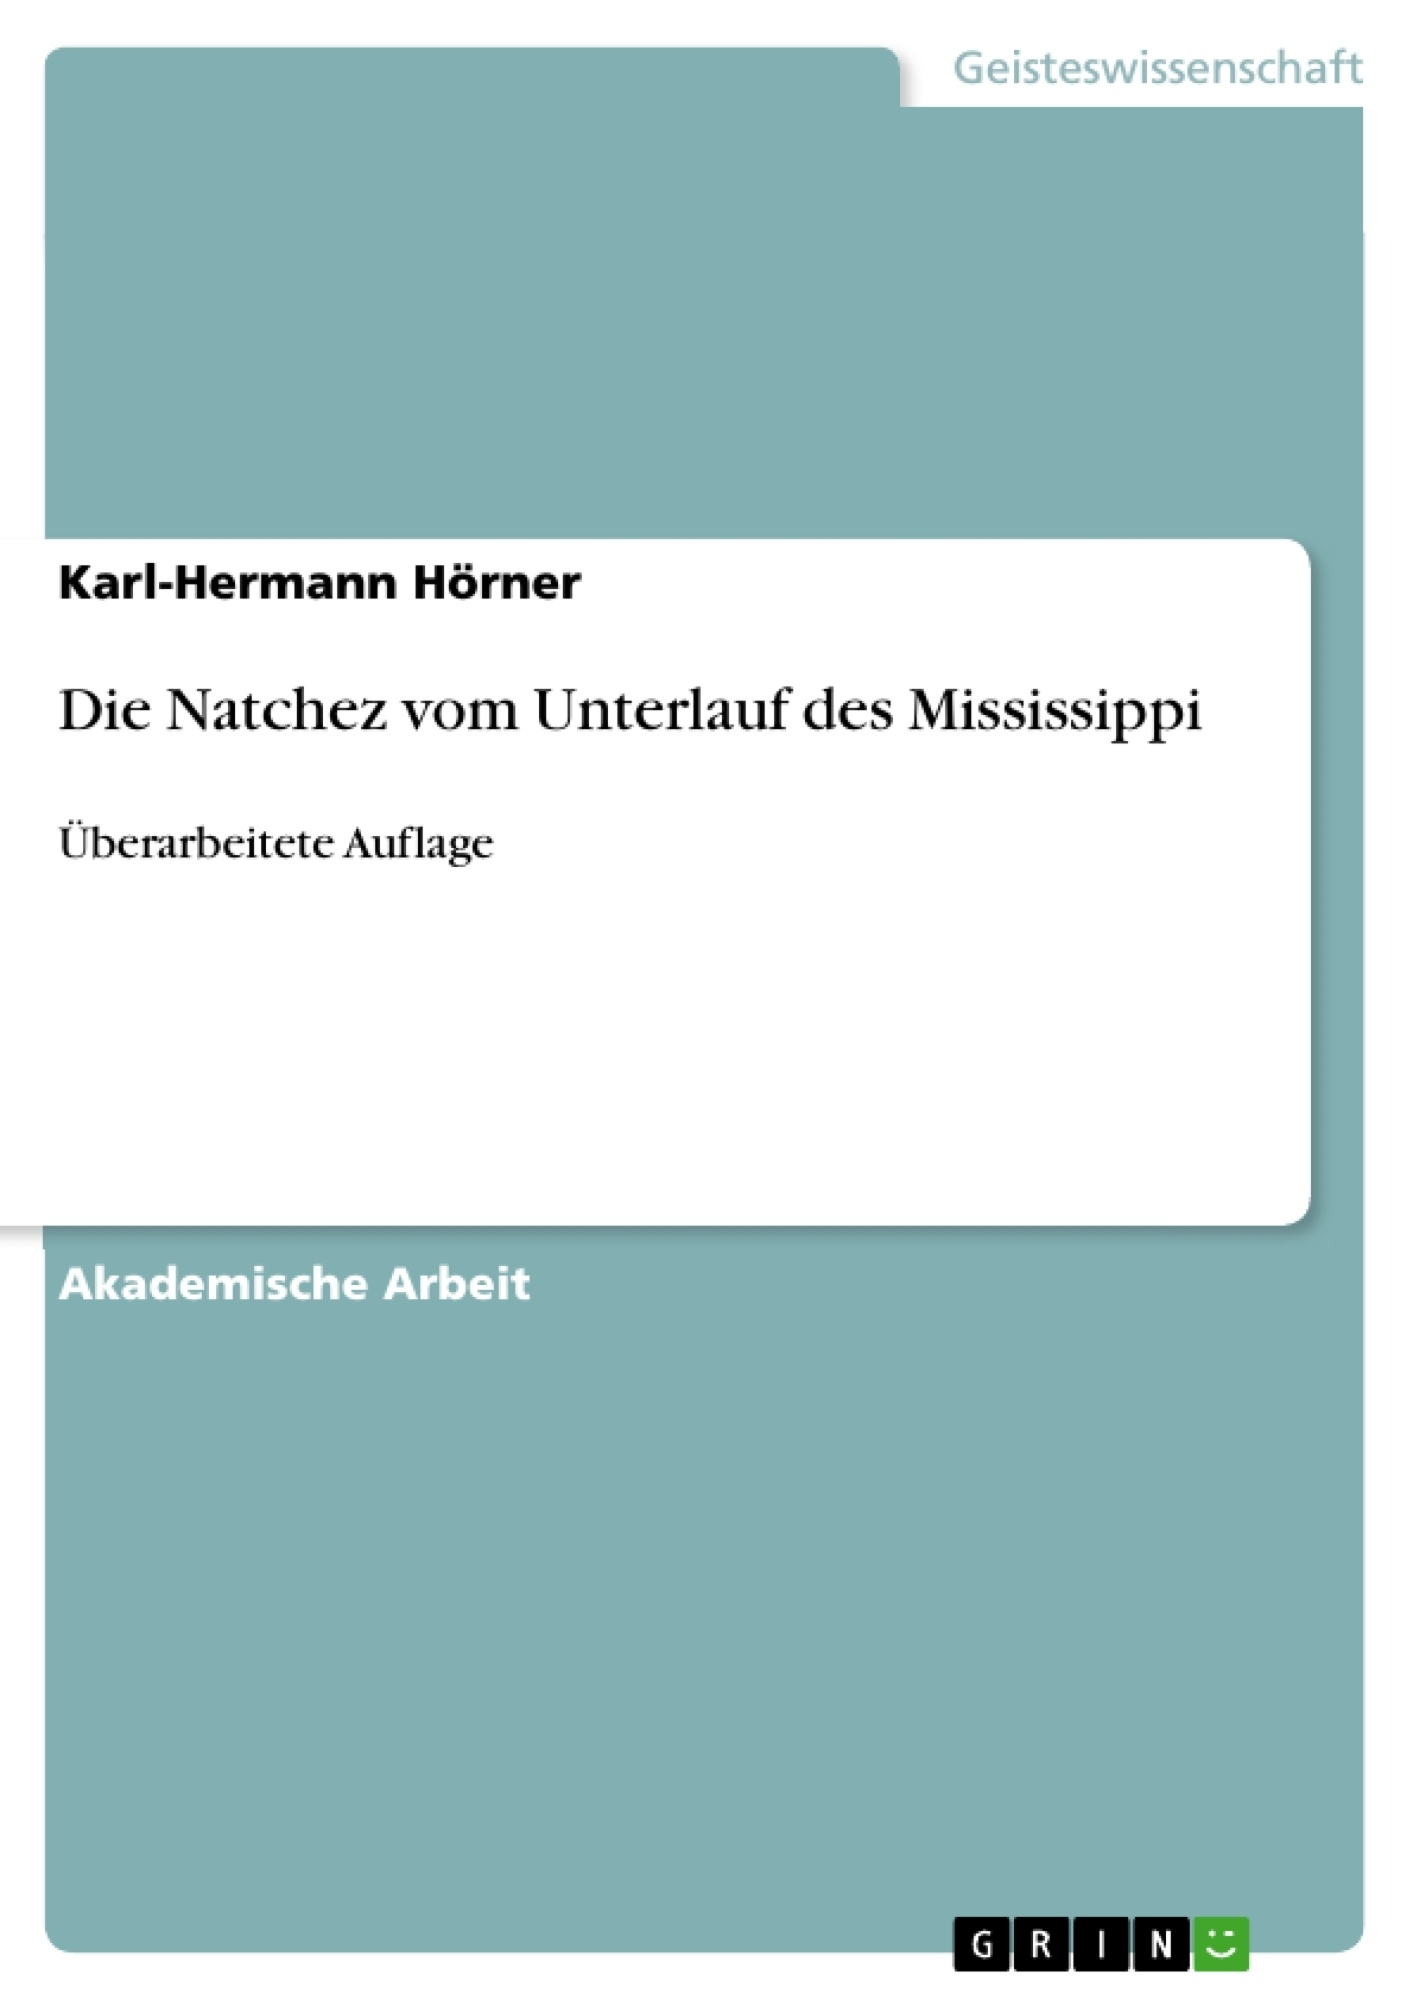 Titel: Die Natchez vom Unterlauf des Mississippi